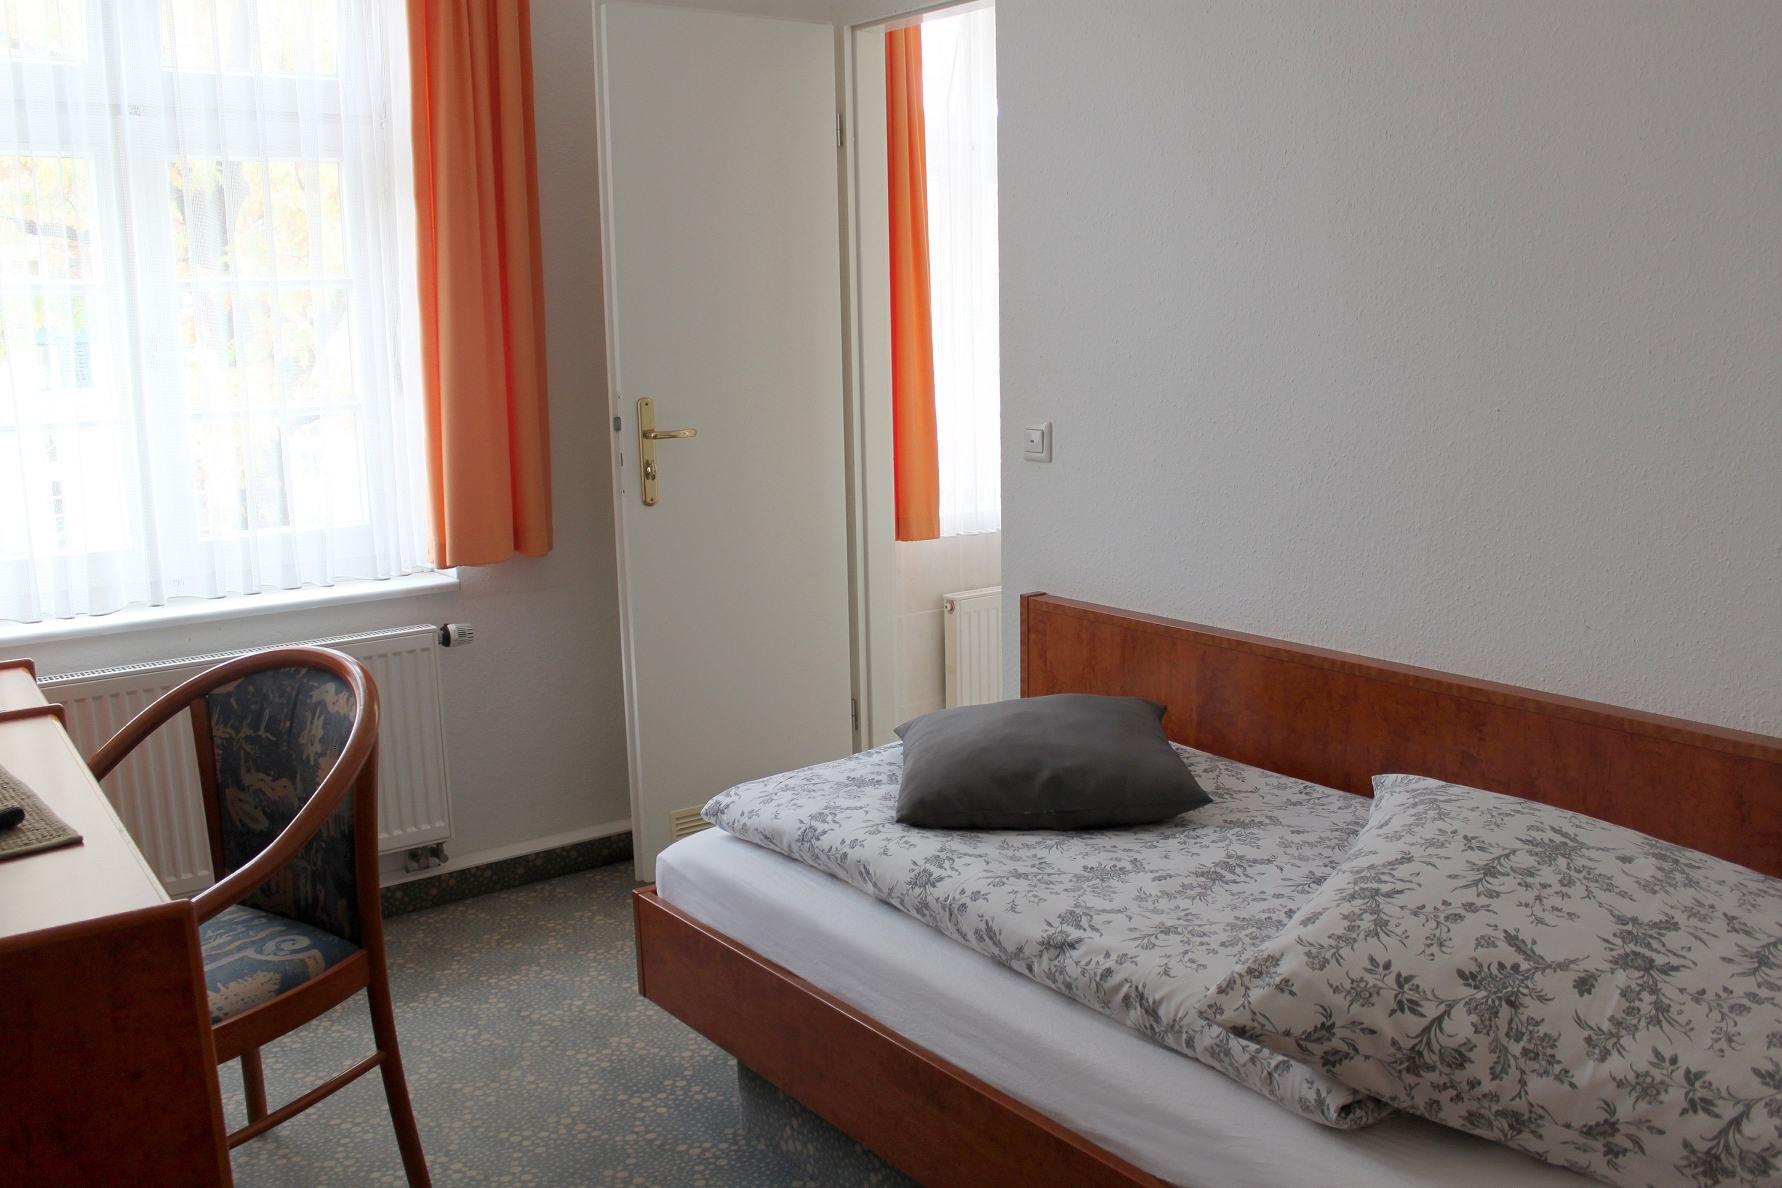 Einzelzimmer im Parkhotel Bad Sassendorf